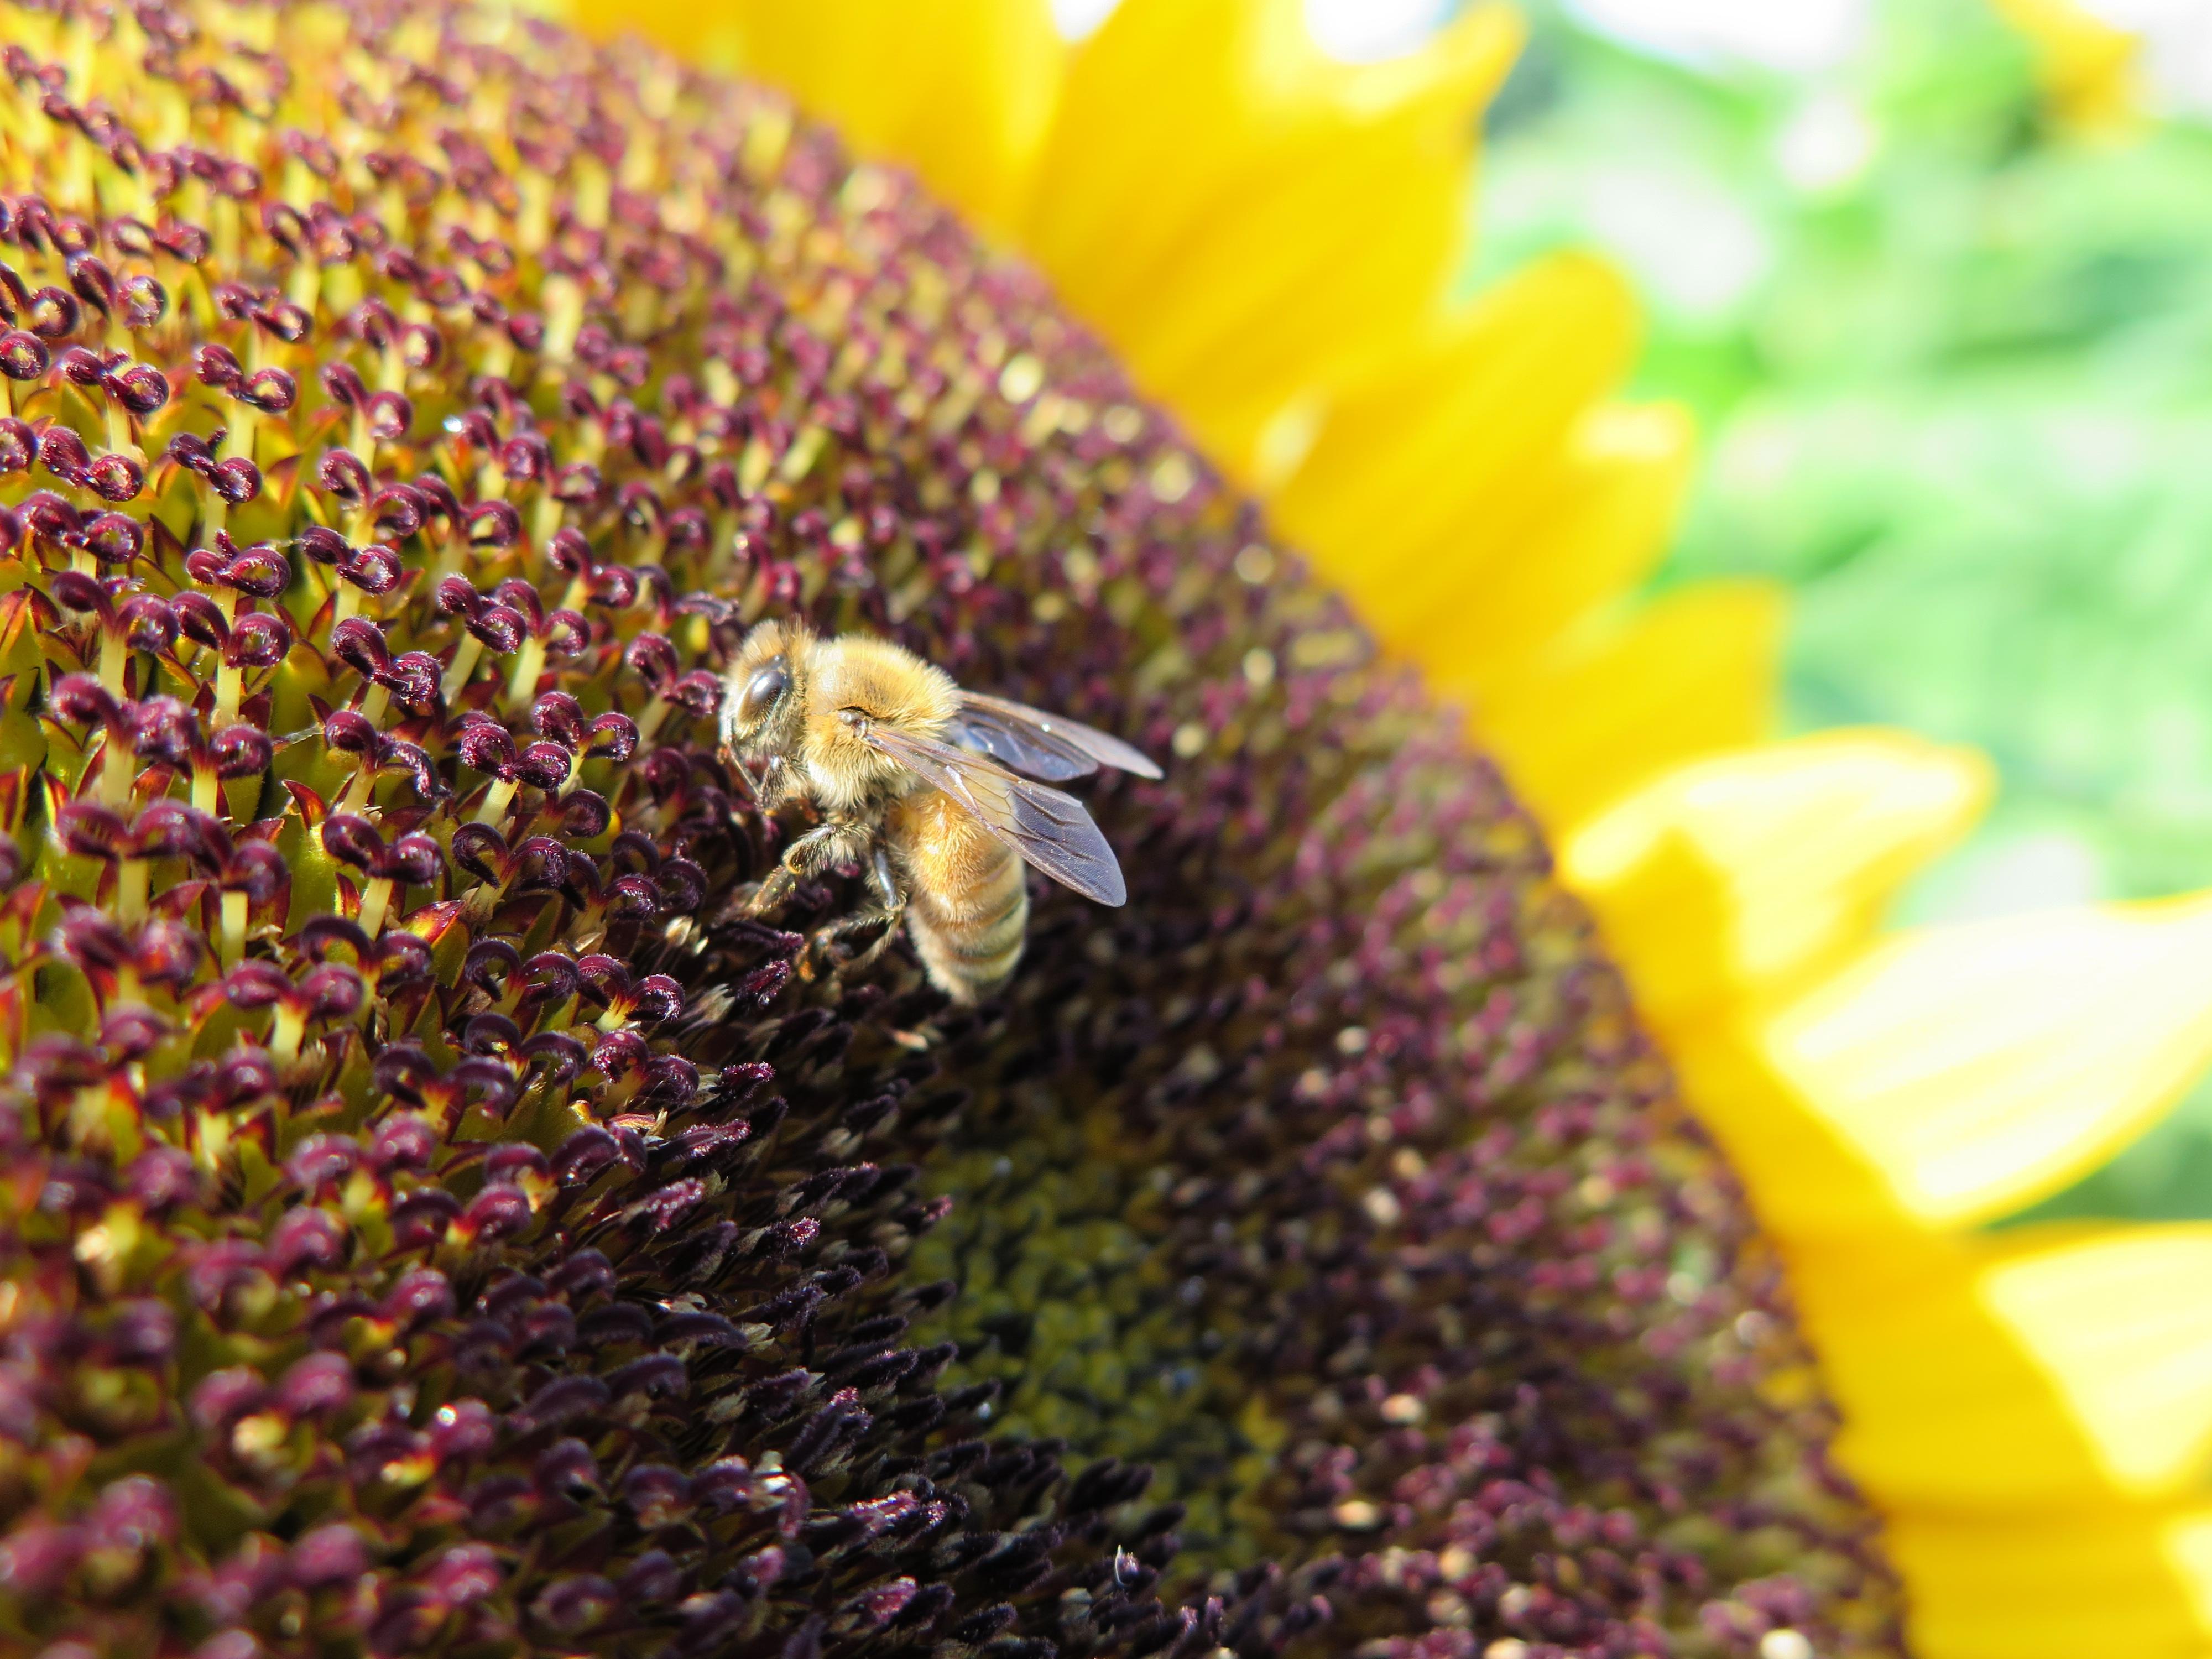 RodaleInstitute-honeybees-4-13-2015